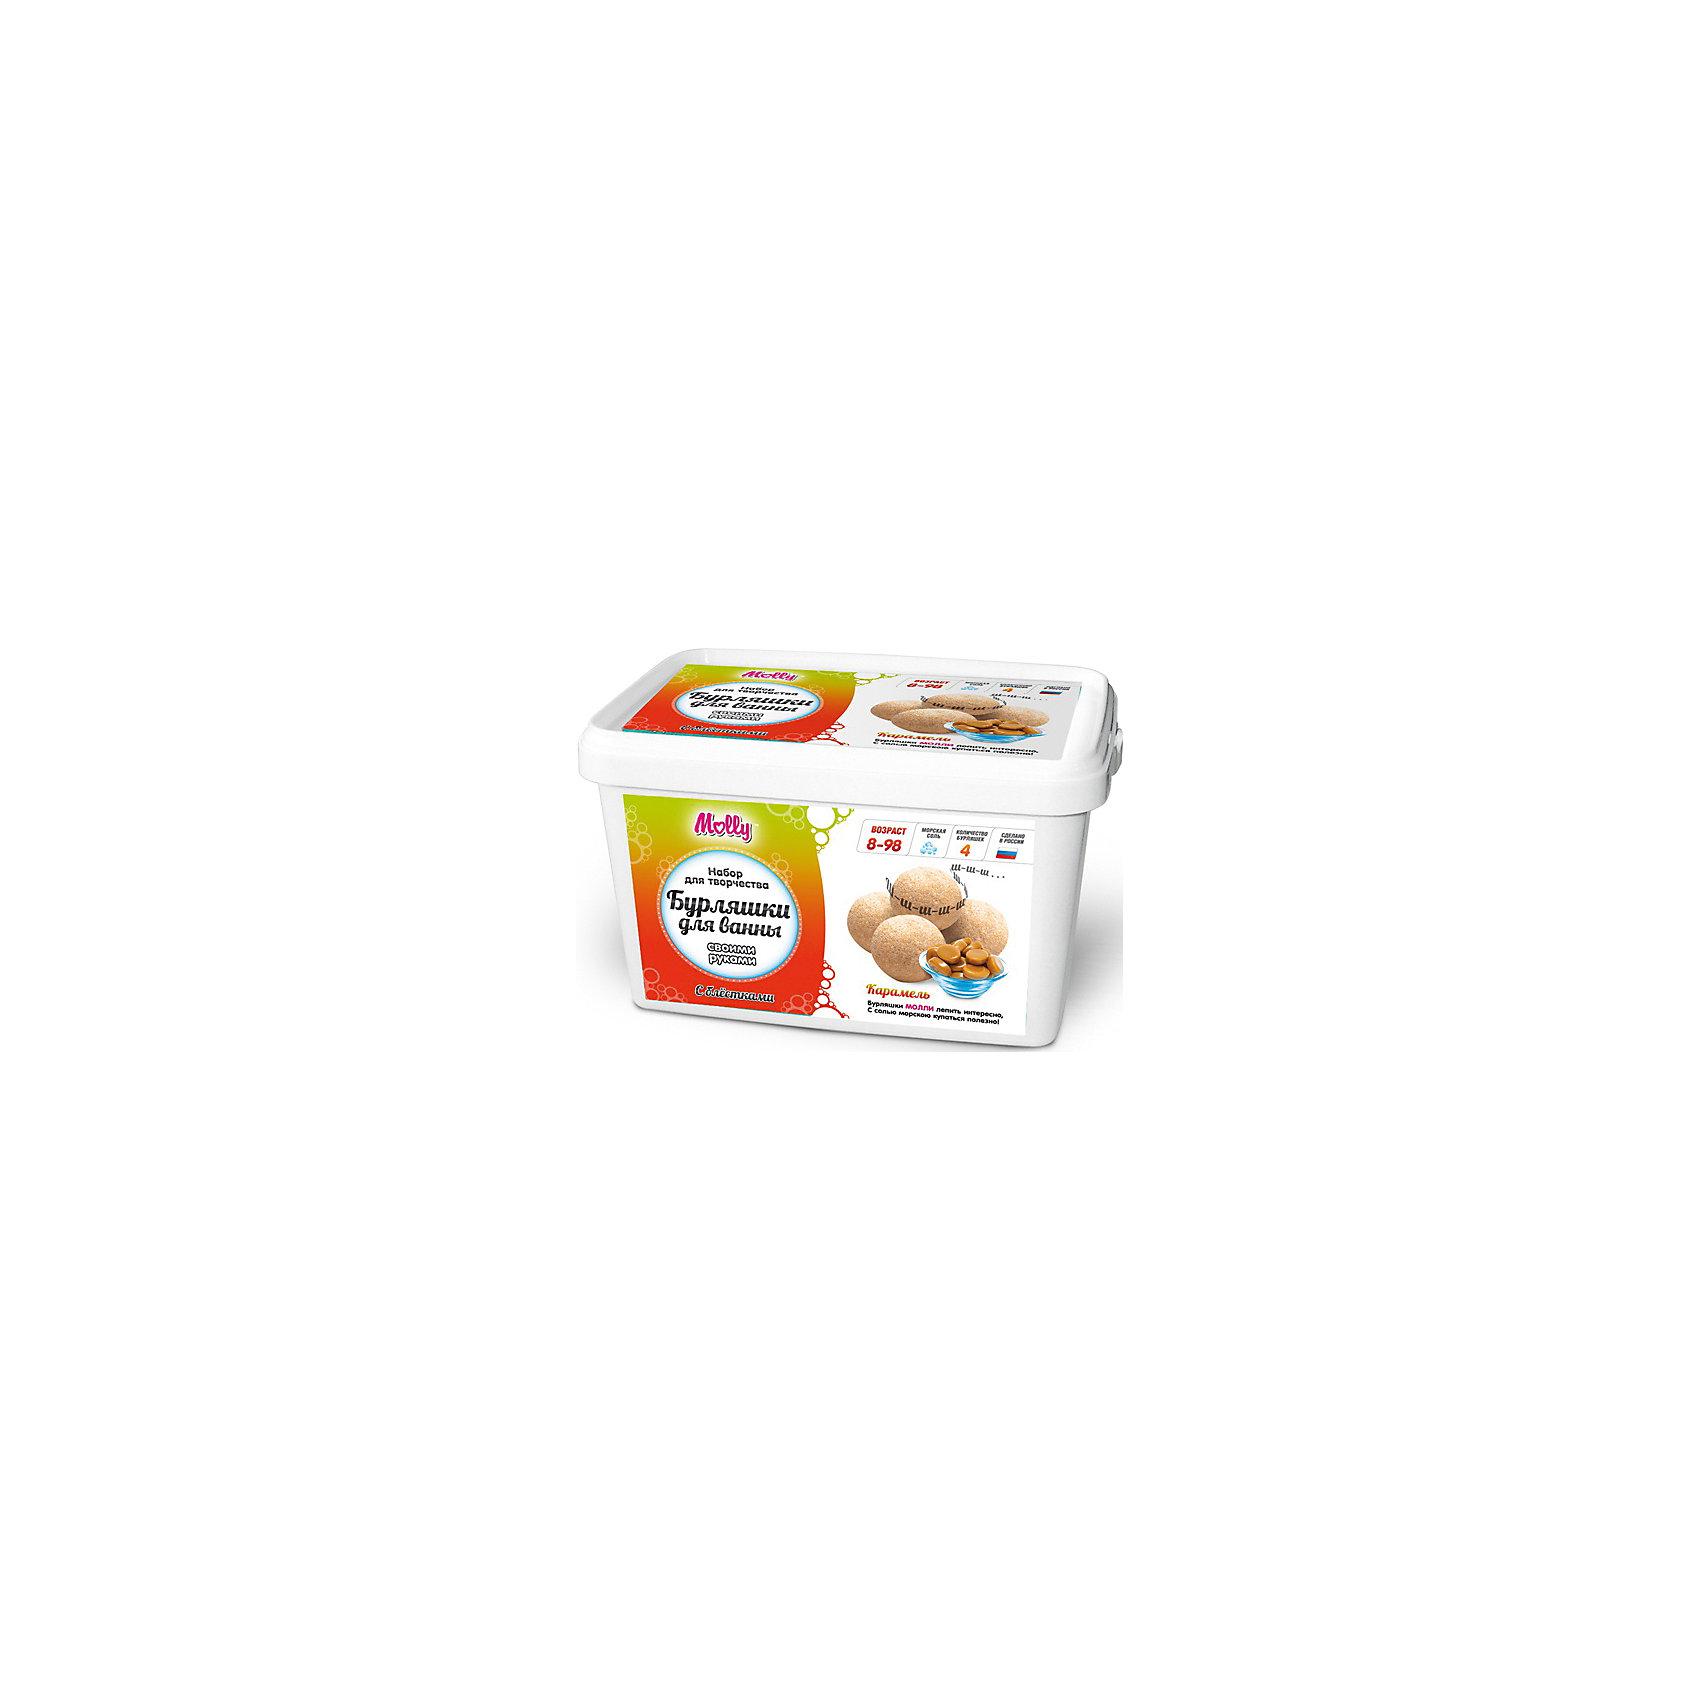 Бурляшки для ванны своими руками  КарамельОригинальные бурляшки (бомбочки для ванн), которые можно создать своими руками. В состав набора входит: сода, лимонная кислота, морская соль, 1 краситель, 1 ароматизатор,  форма для бурляшек,  одноразовые перчатки и подробная инструкция.<br><br>Ширина мм: 20<br>Глубина мм: 13<br>Высота мм: 11<br>Вес г: 500<br>Возраст от месяцев: 96<br>Возраст до месяцев: 144<br>Пол: Унисекс<br>Возраст: Детский<br>SKU: 5115198